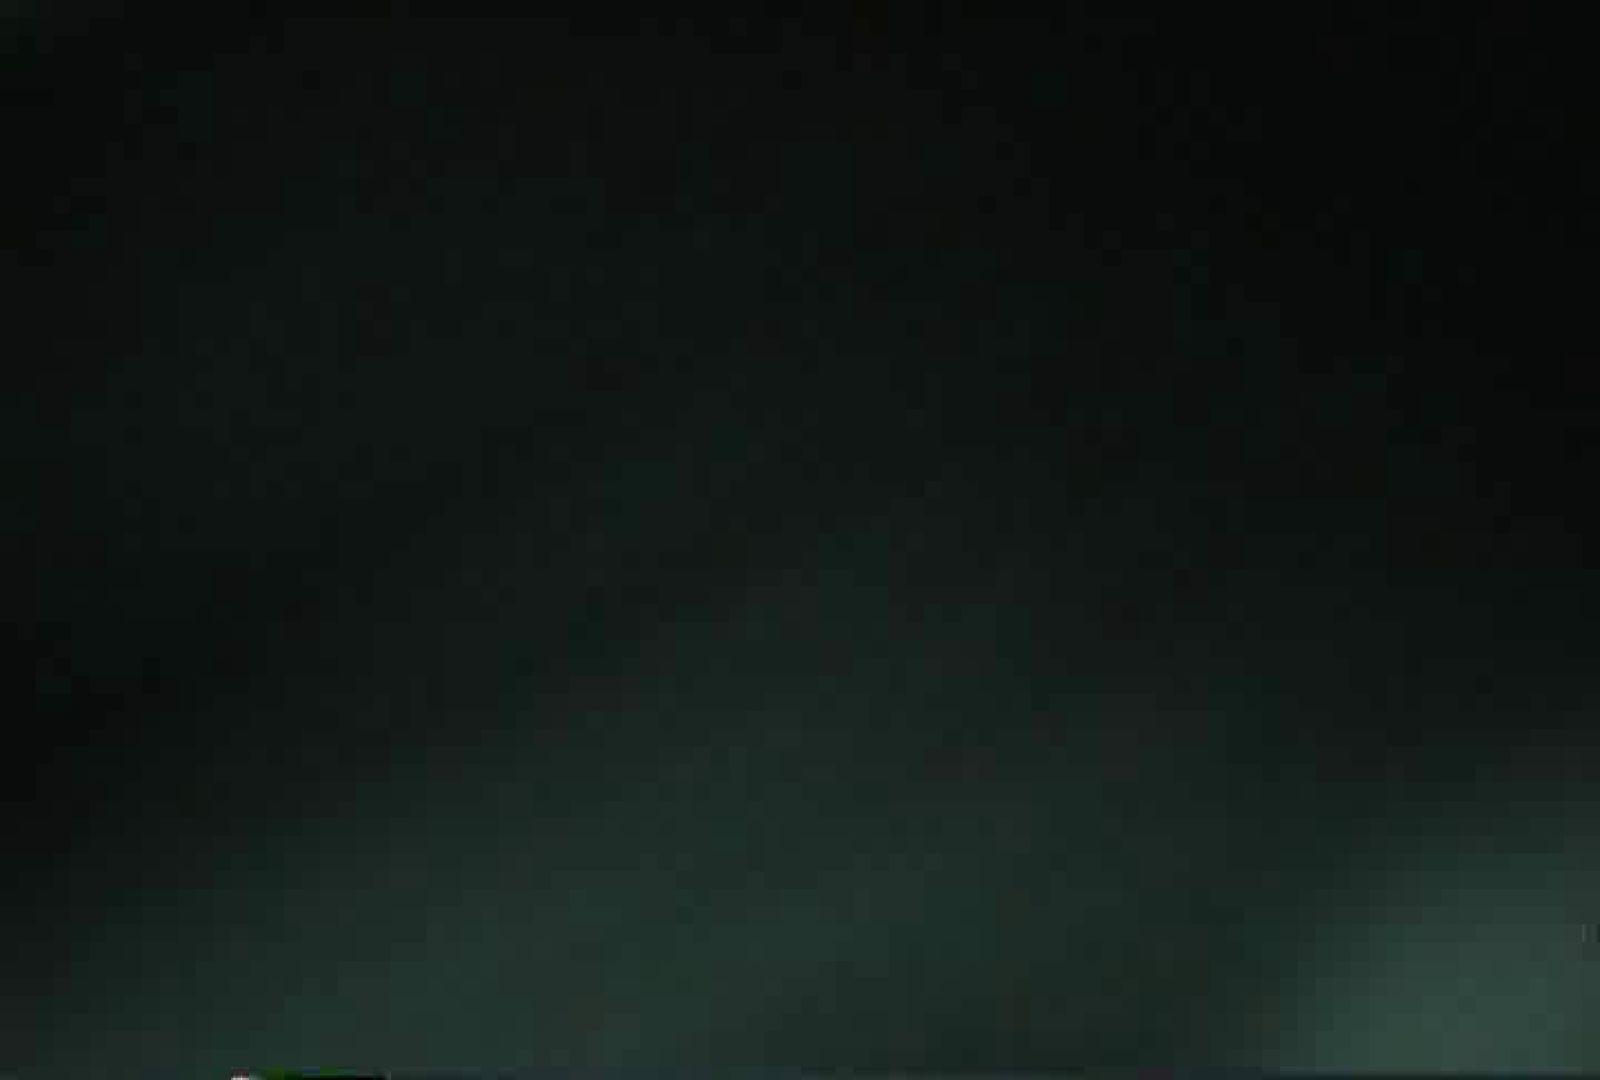 充血監督の深夜の運動会Vol.57 OL  60枚 9